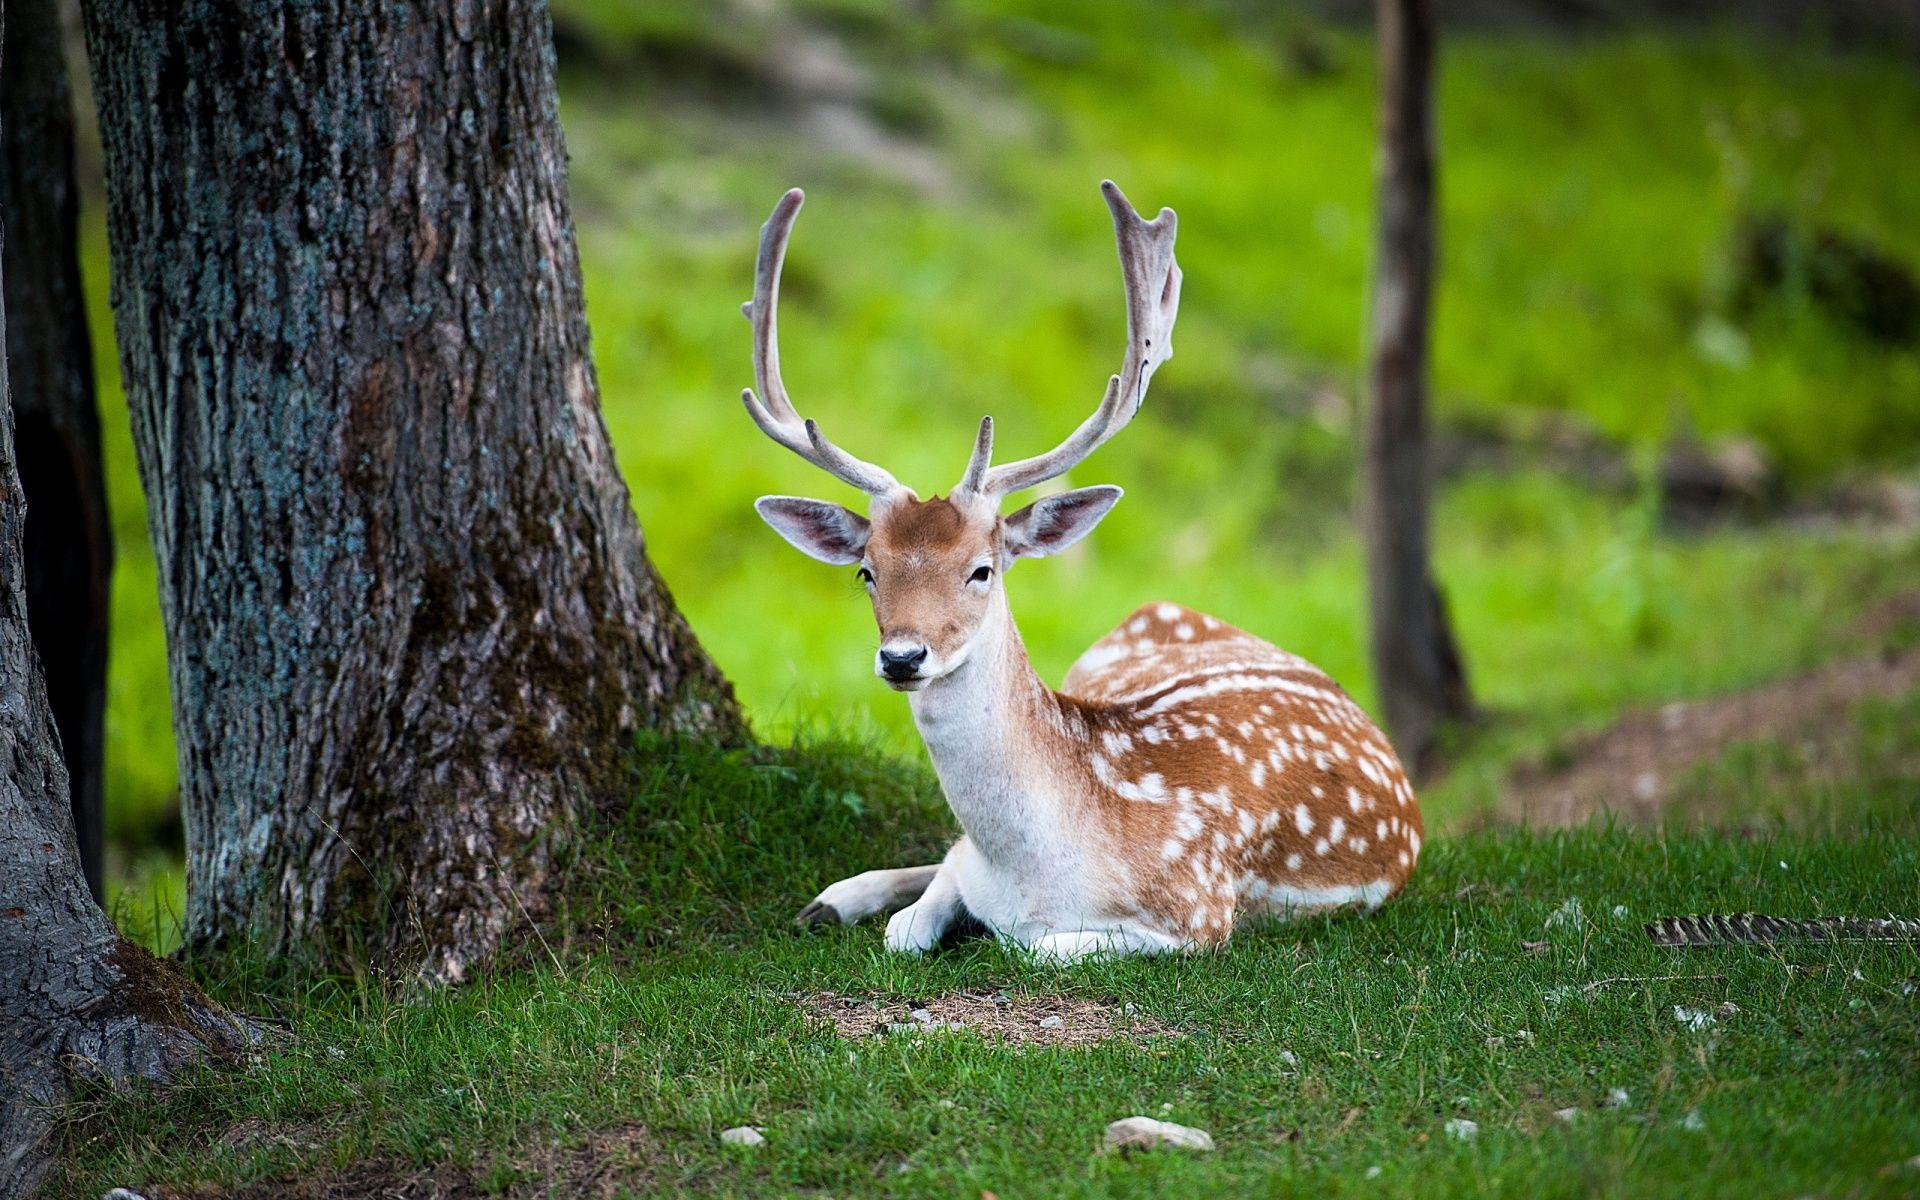 Deer Nature 1920 215 1200 Nature Animals Deer Wallpaper Animals Hd wallpaper animal wildlife deer nature